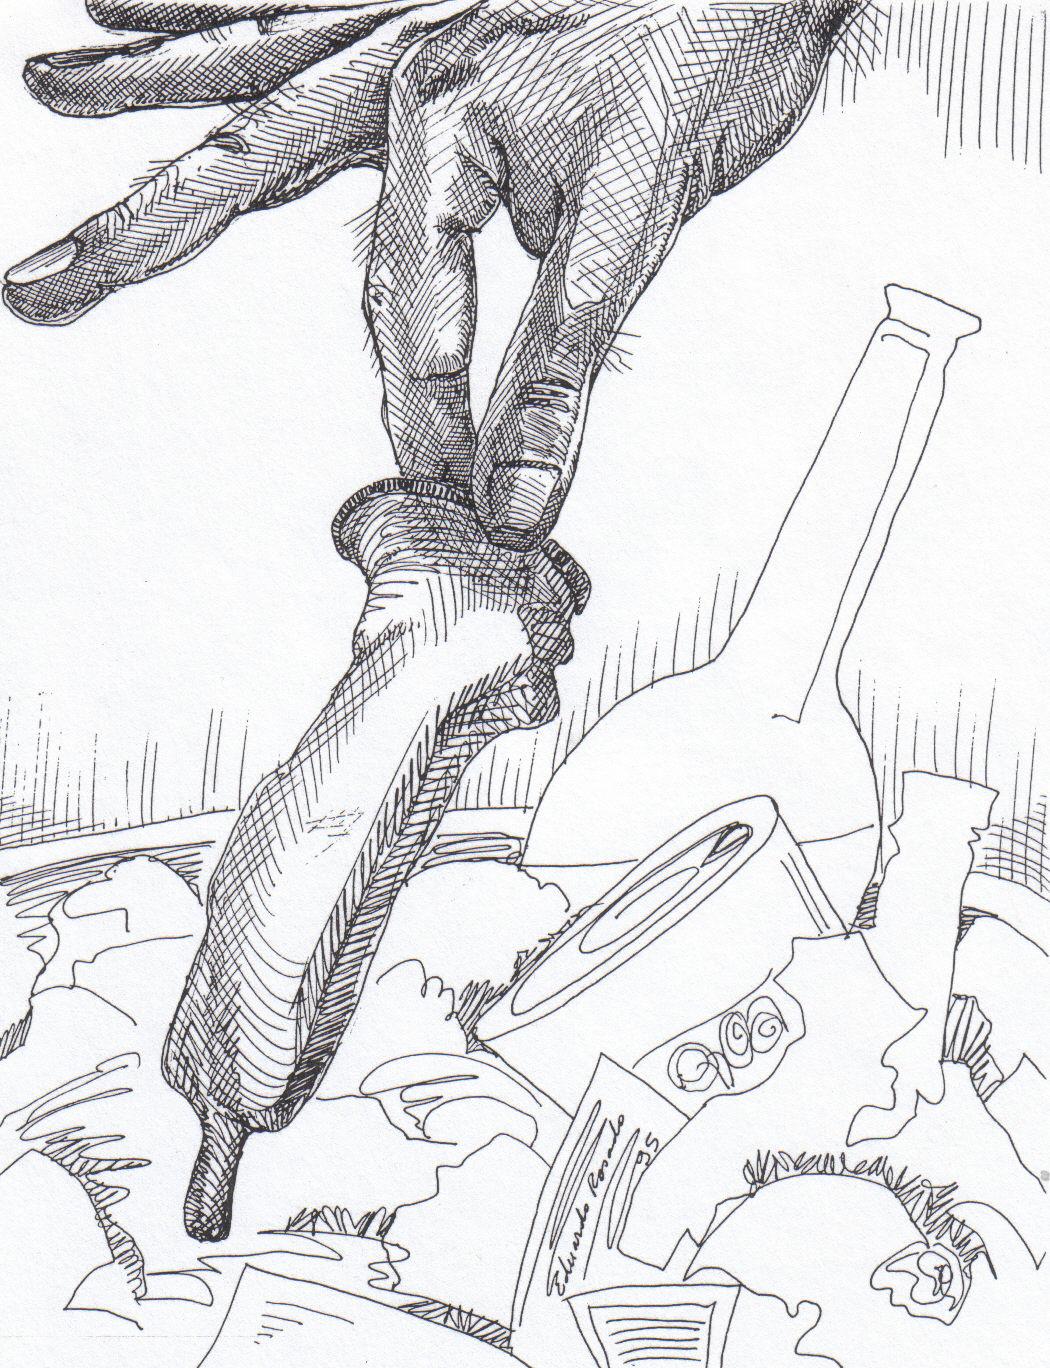 DibujoEduardo-03